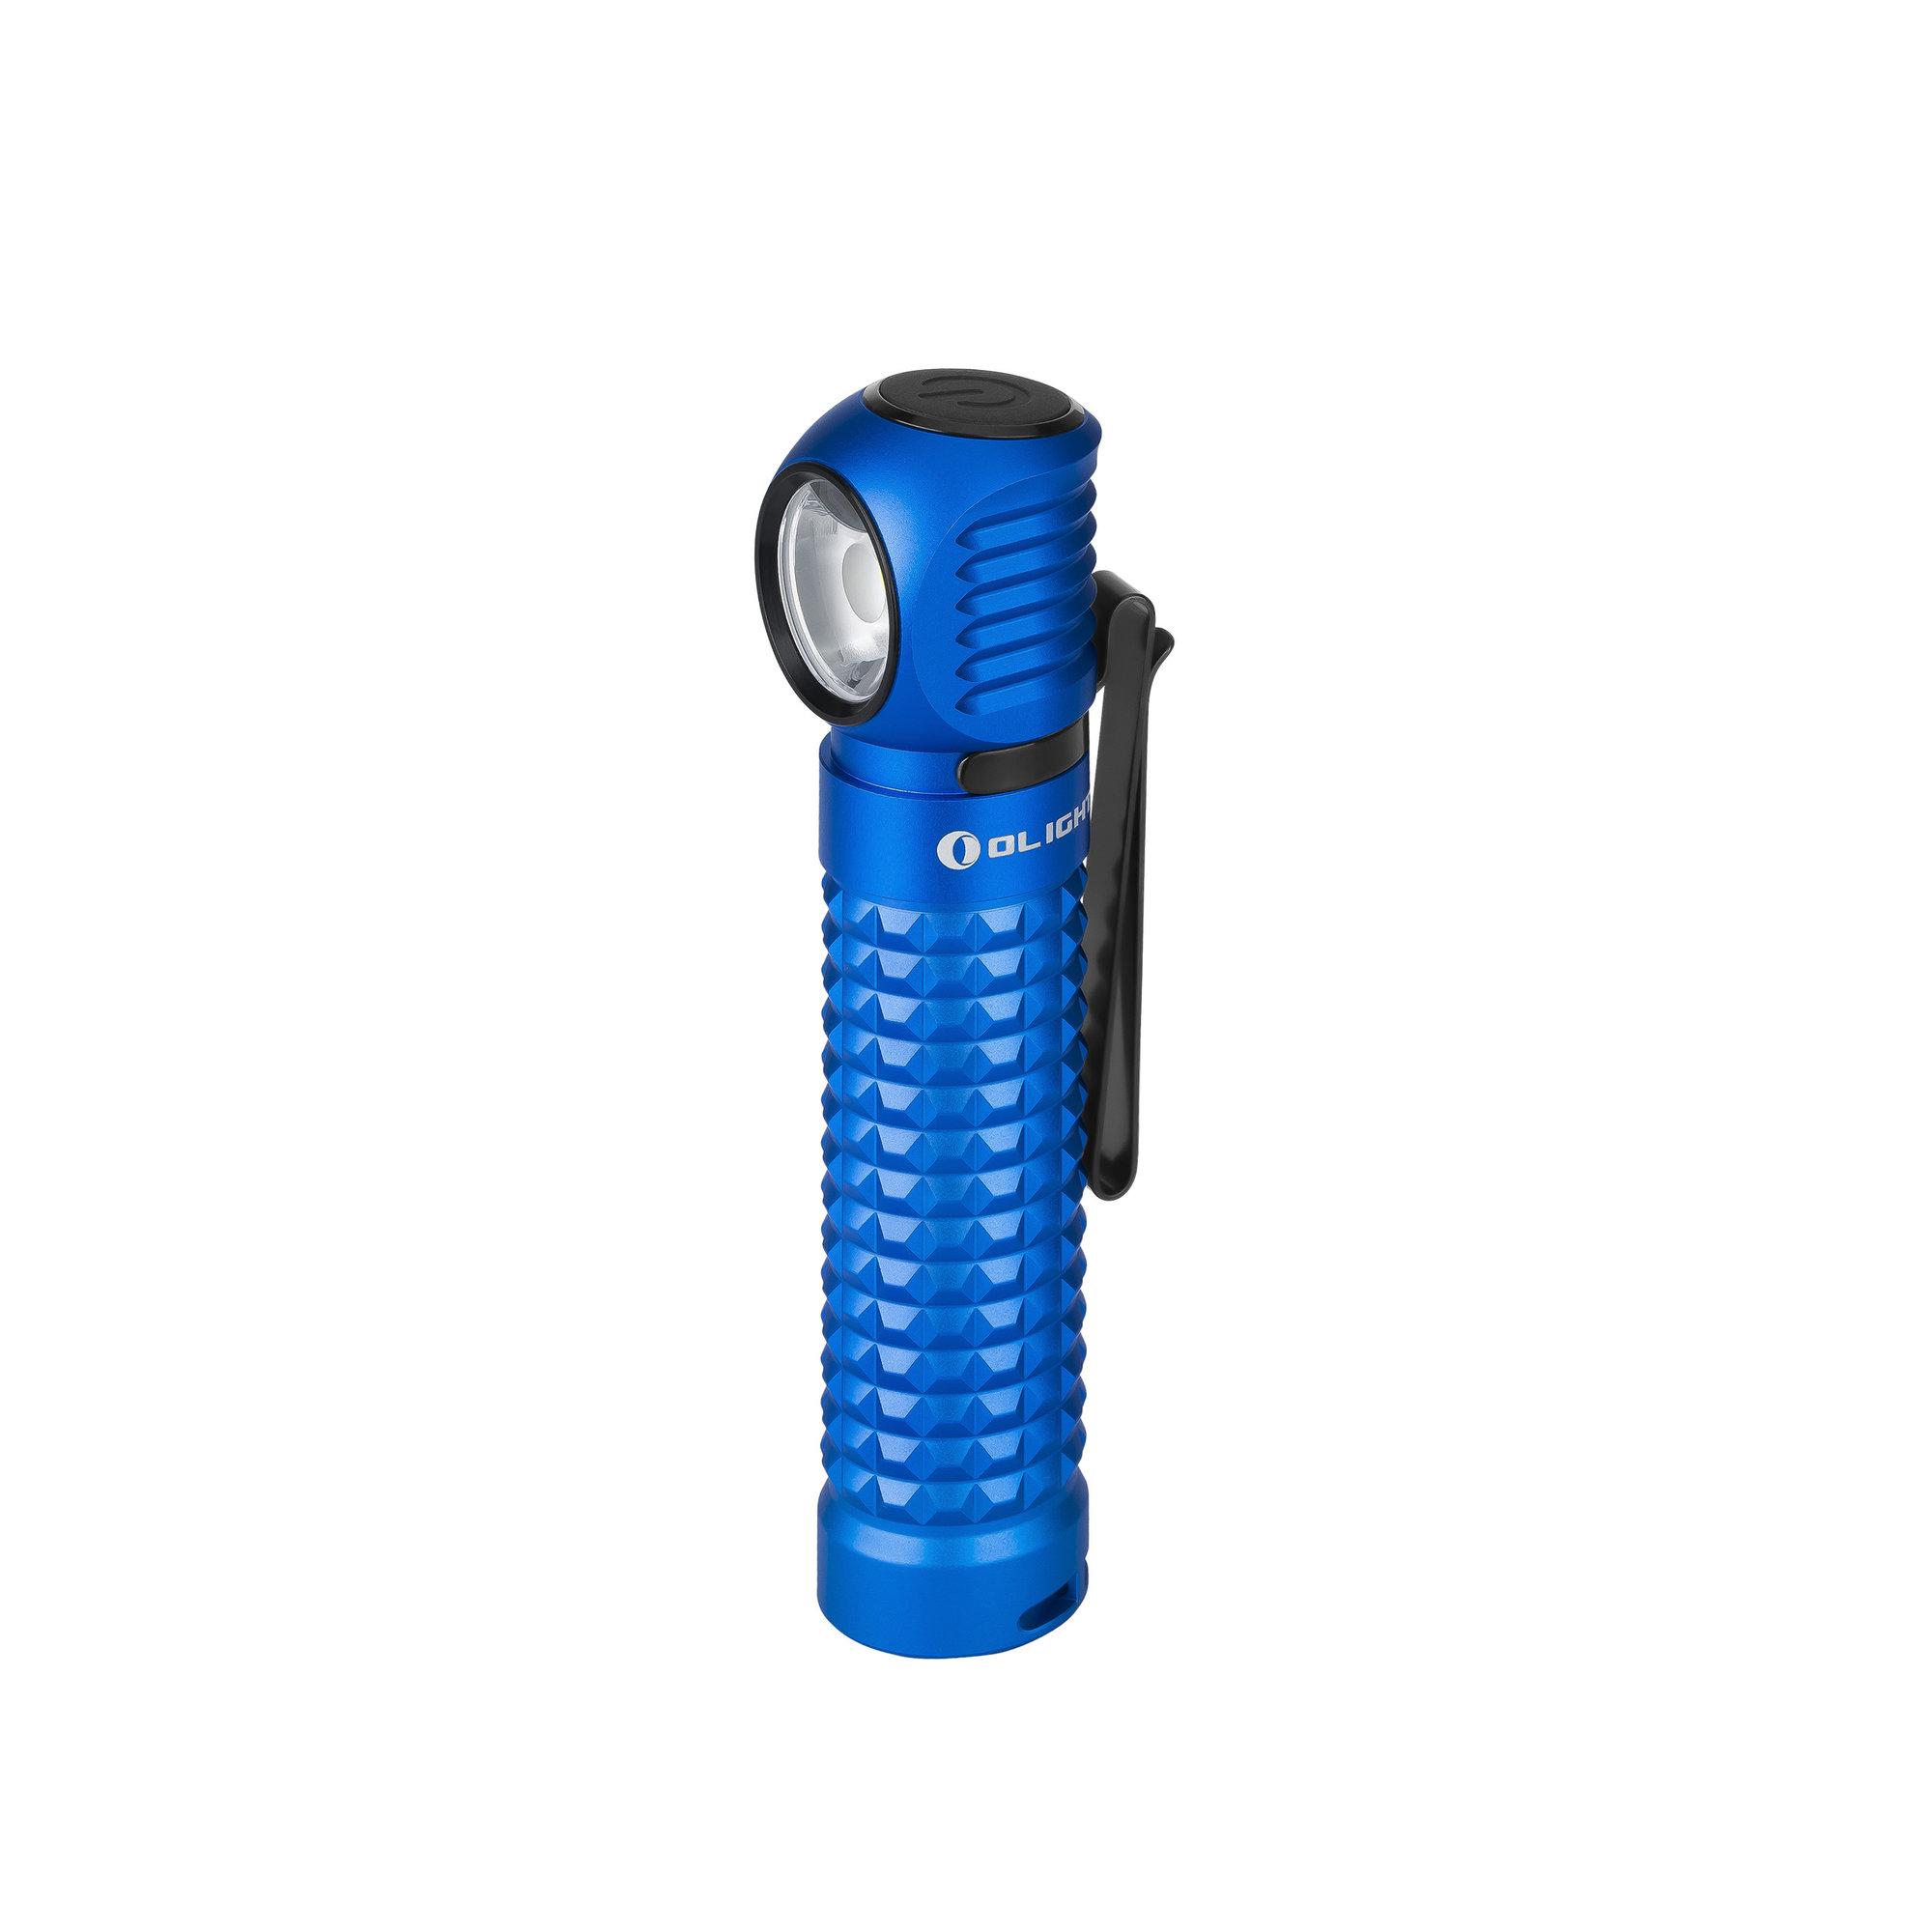 Nabíjateľná LED baterka Olight Perun Blue 2000lm - limitovaná edícia